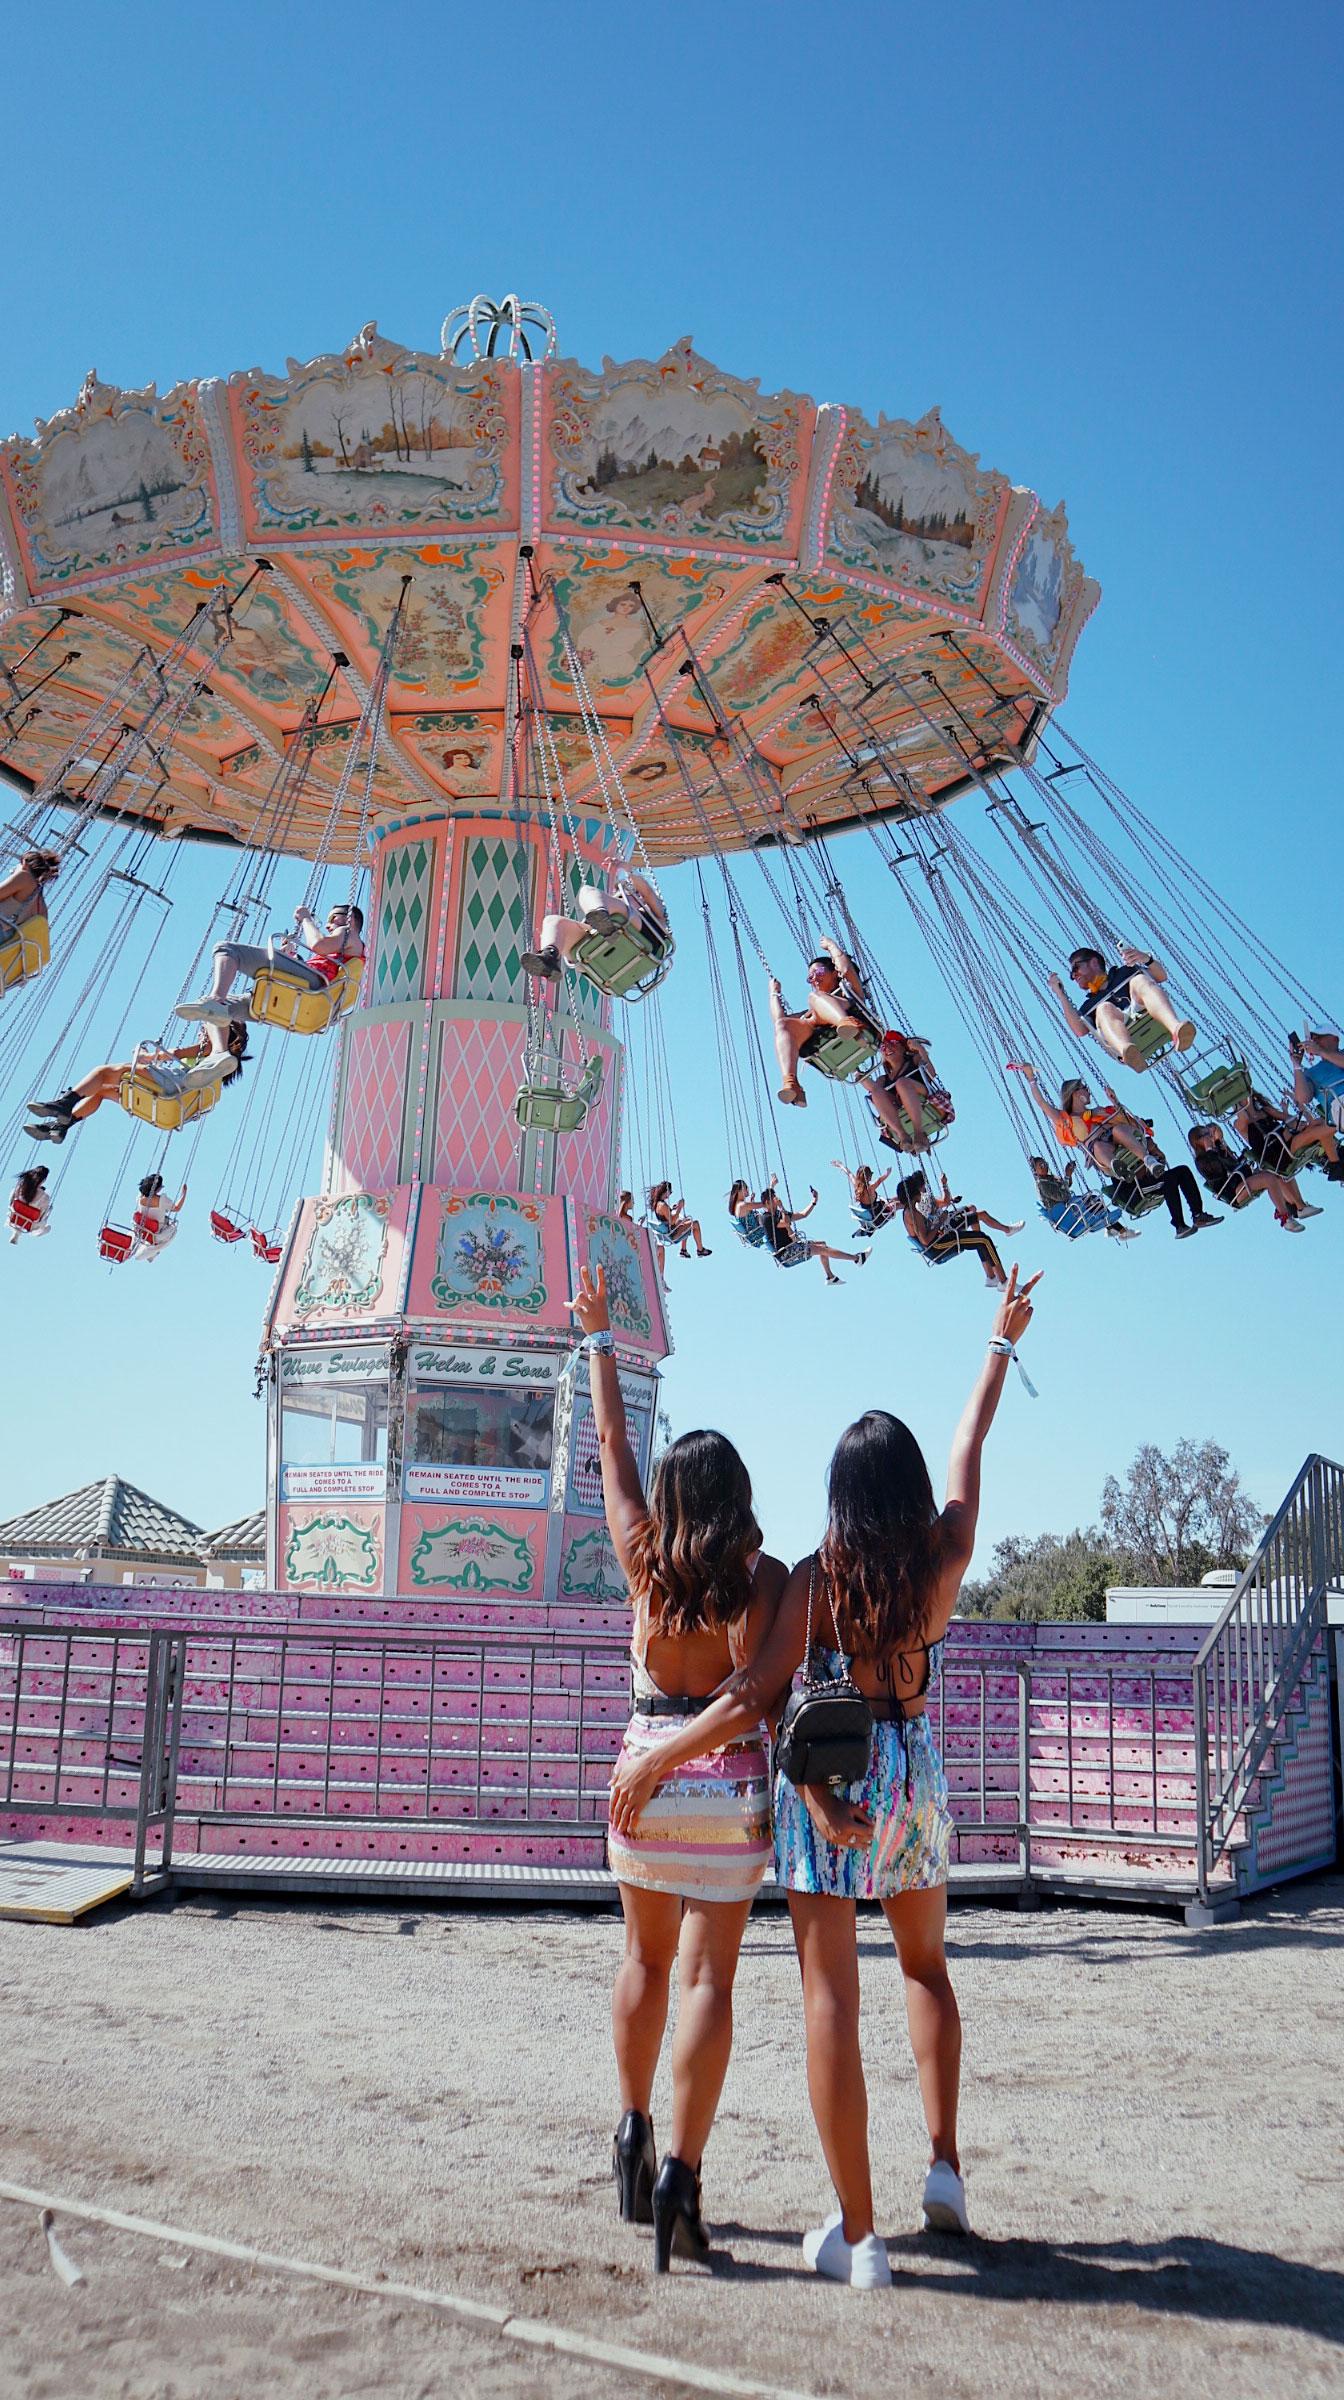 revolve festival swings